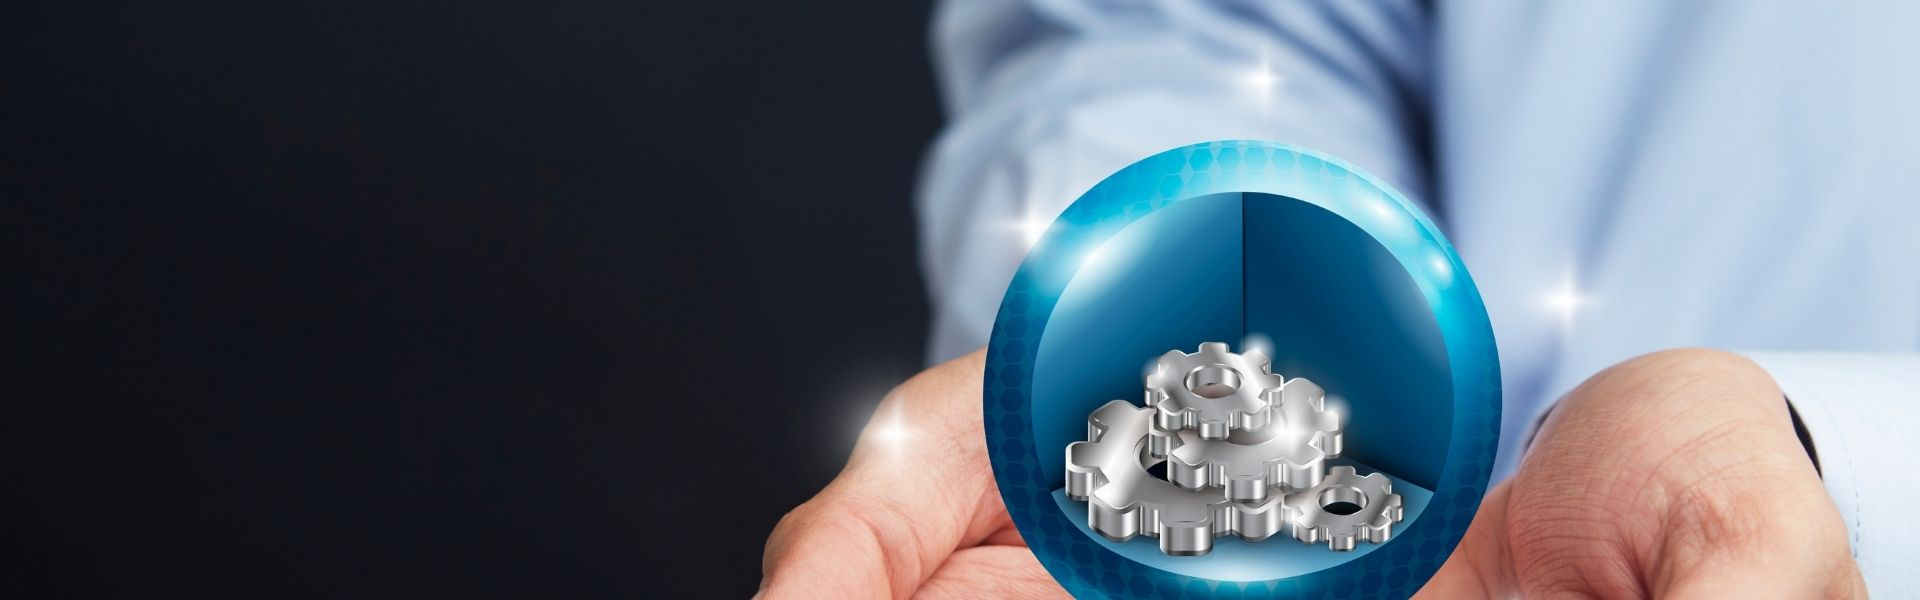 Ebook Configurador de Producto - Semantic Systems